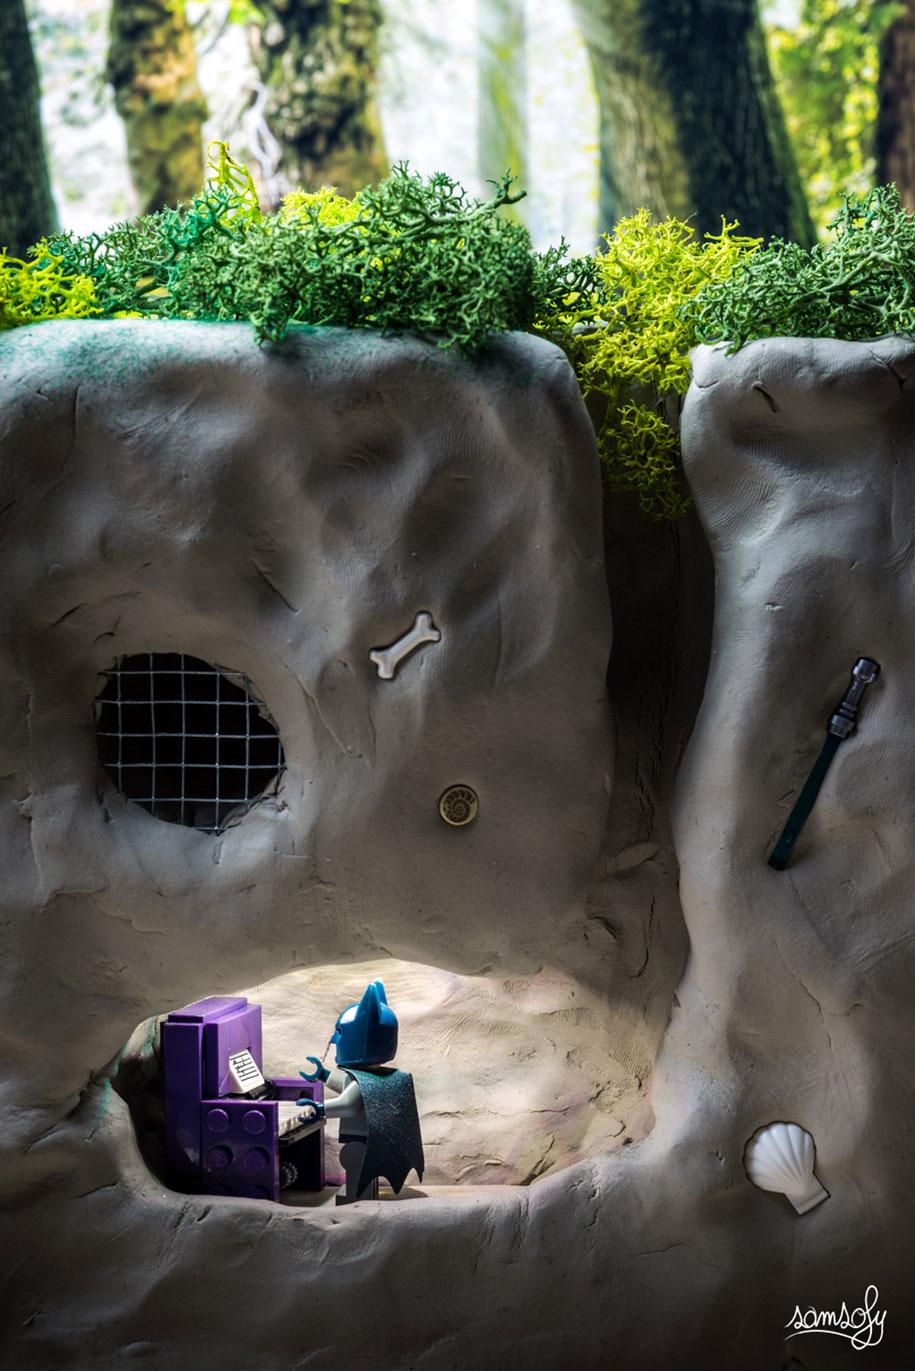 lego-miniature-avventure-scene-fotografia-sofiane-samlal-samsofy-05